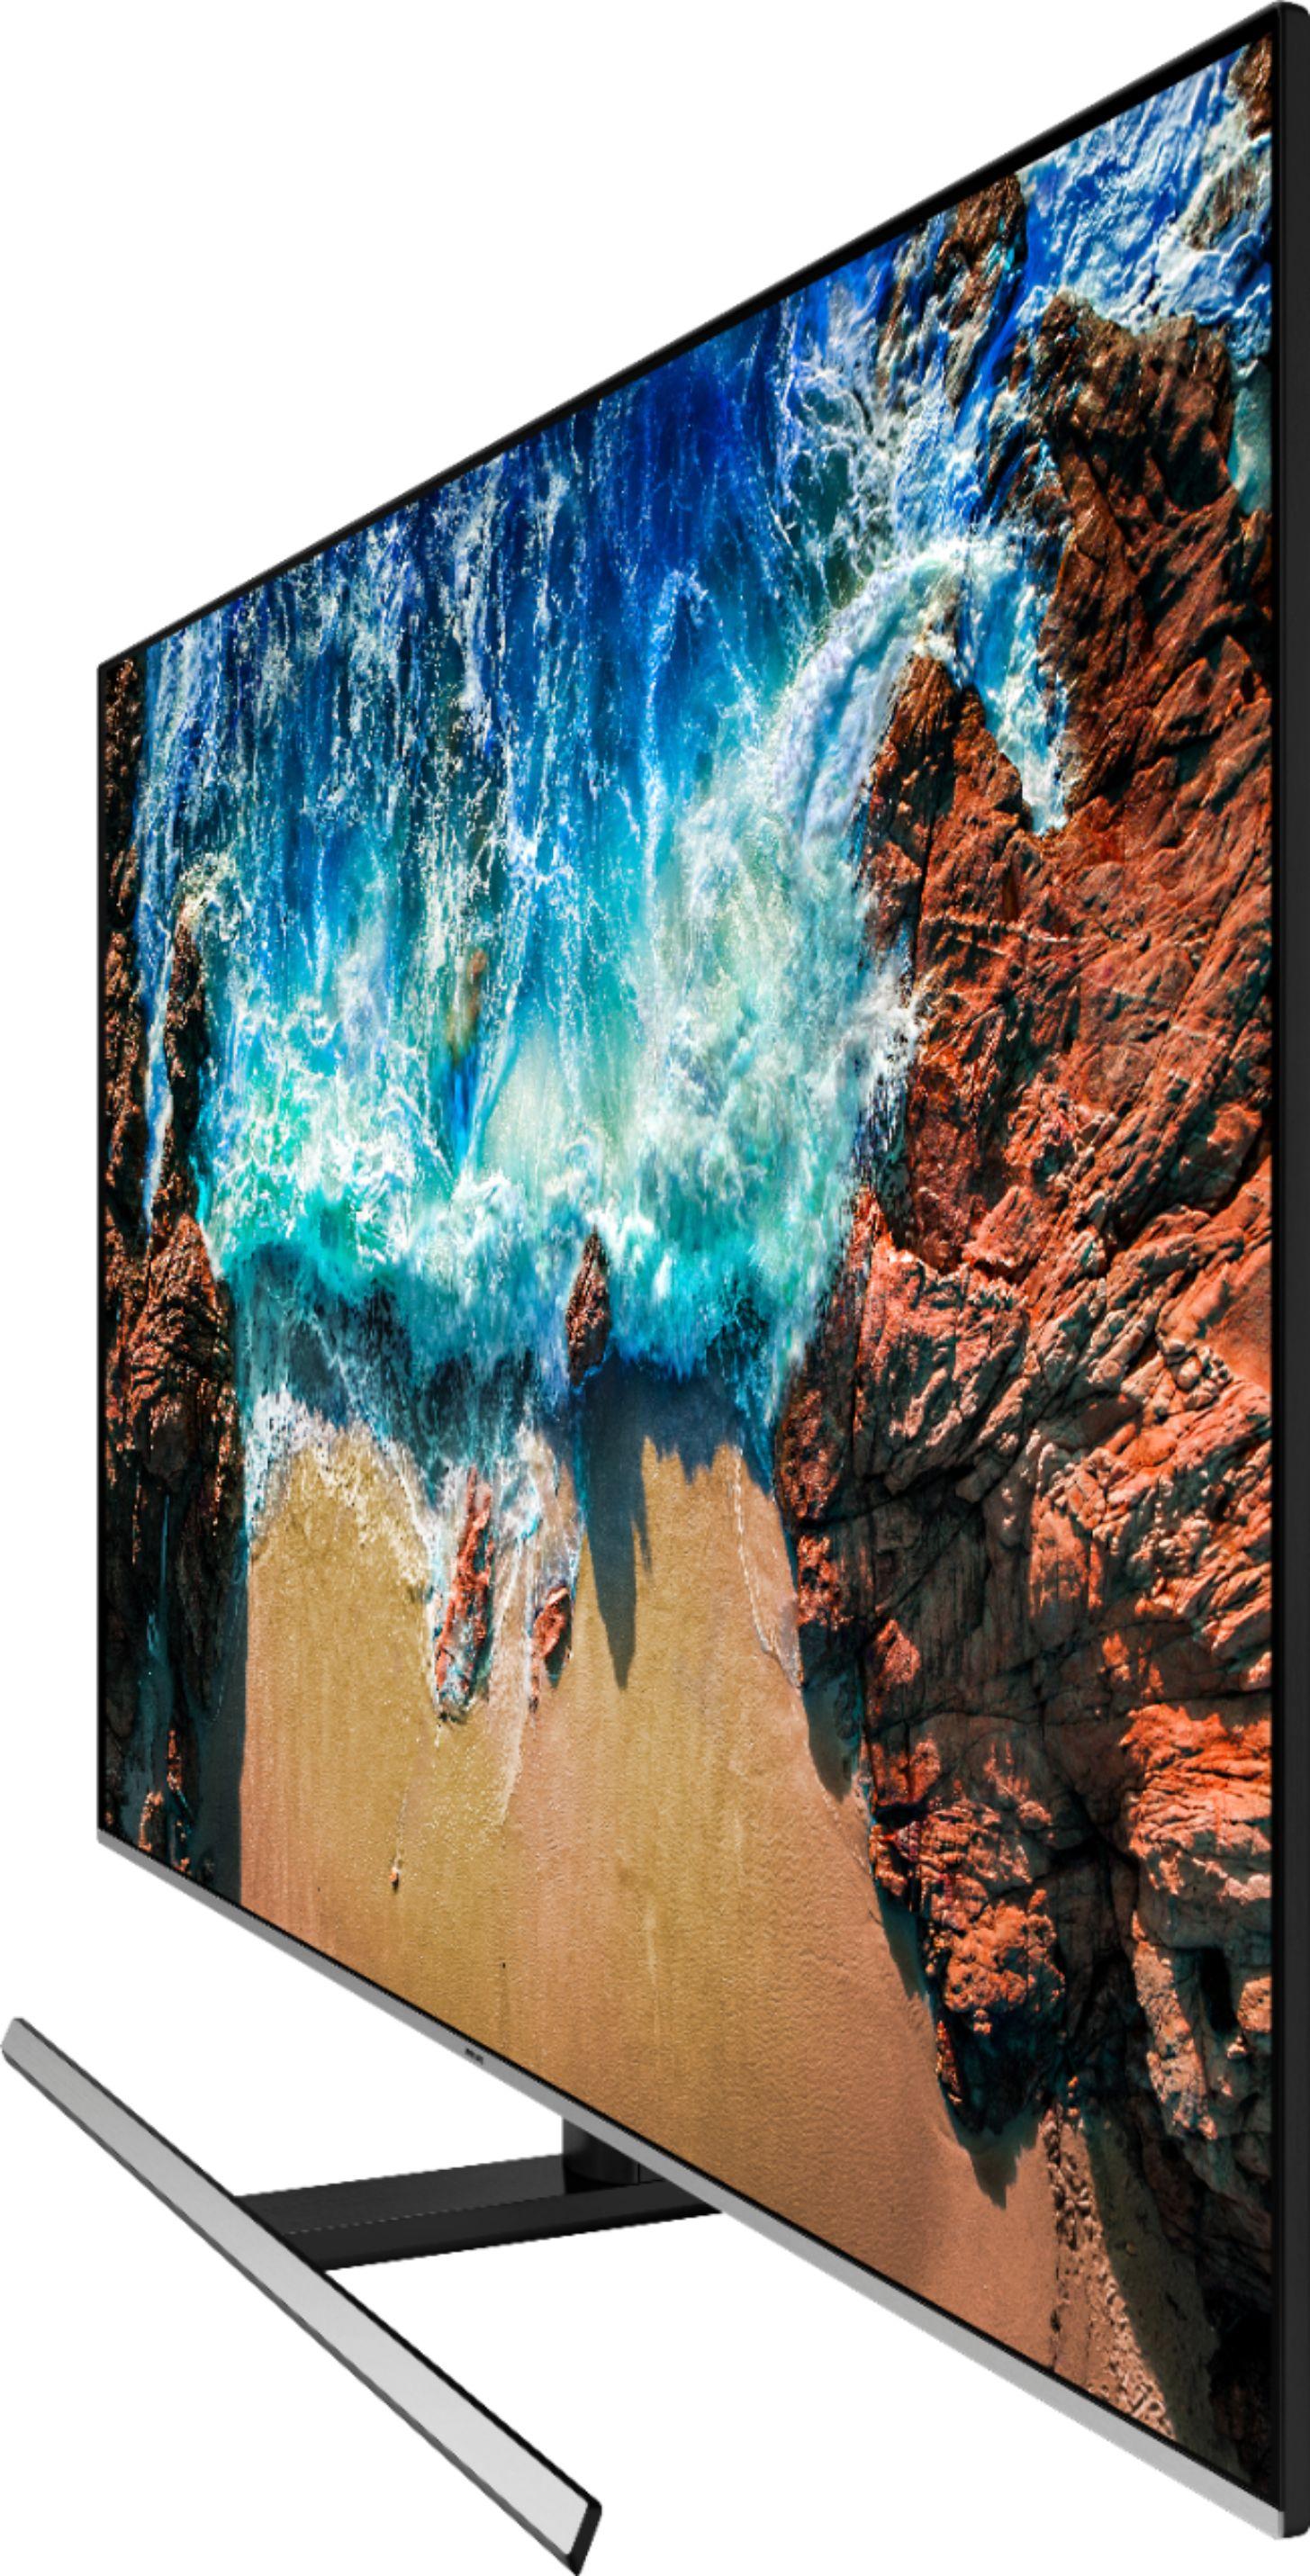 Image 11 for Samsung UN65NU8000FXZA